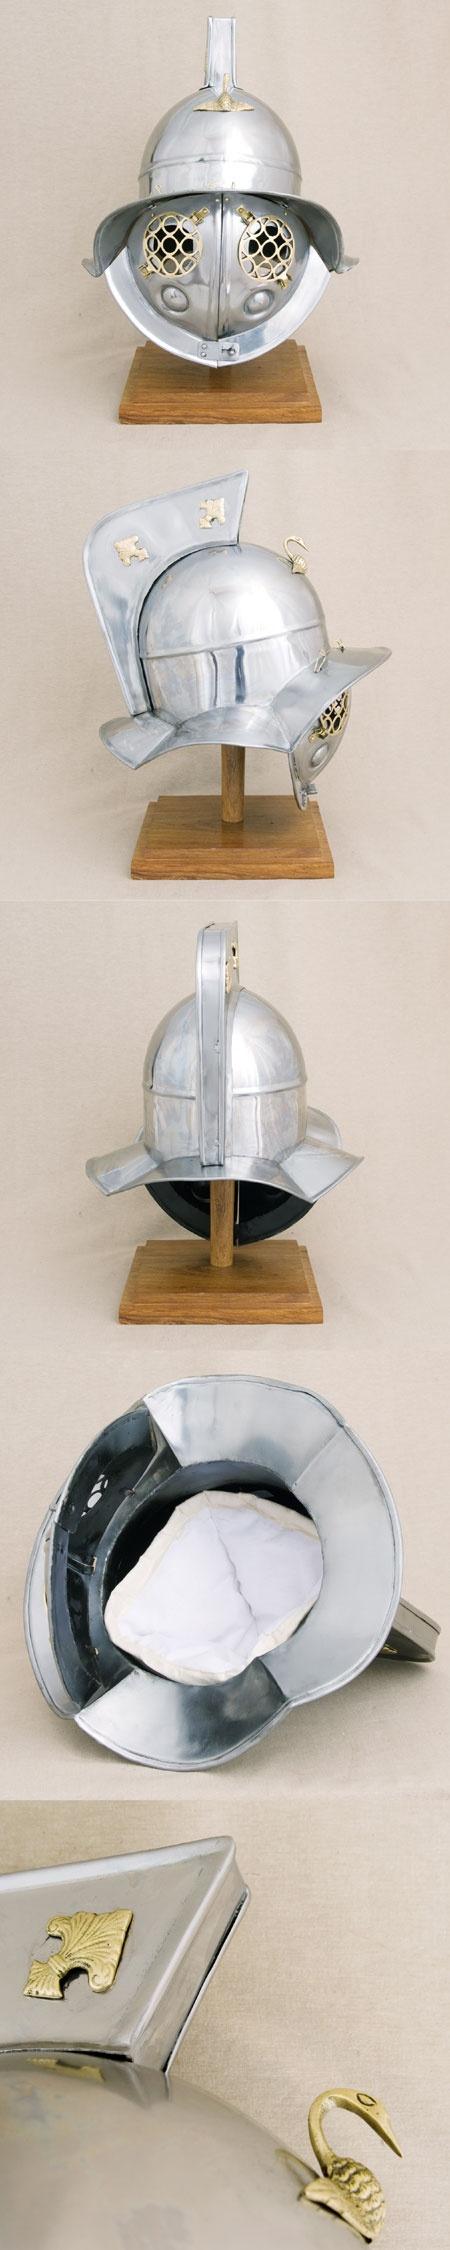 best 25 gladiator helmet ideas on pinterest gladiators